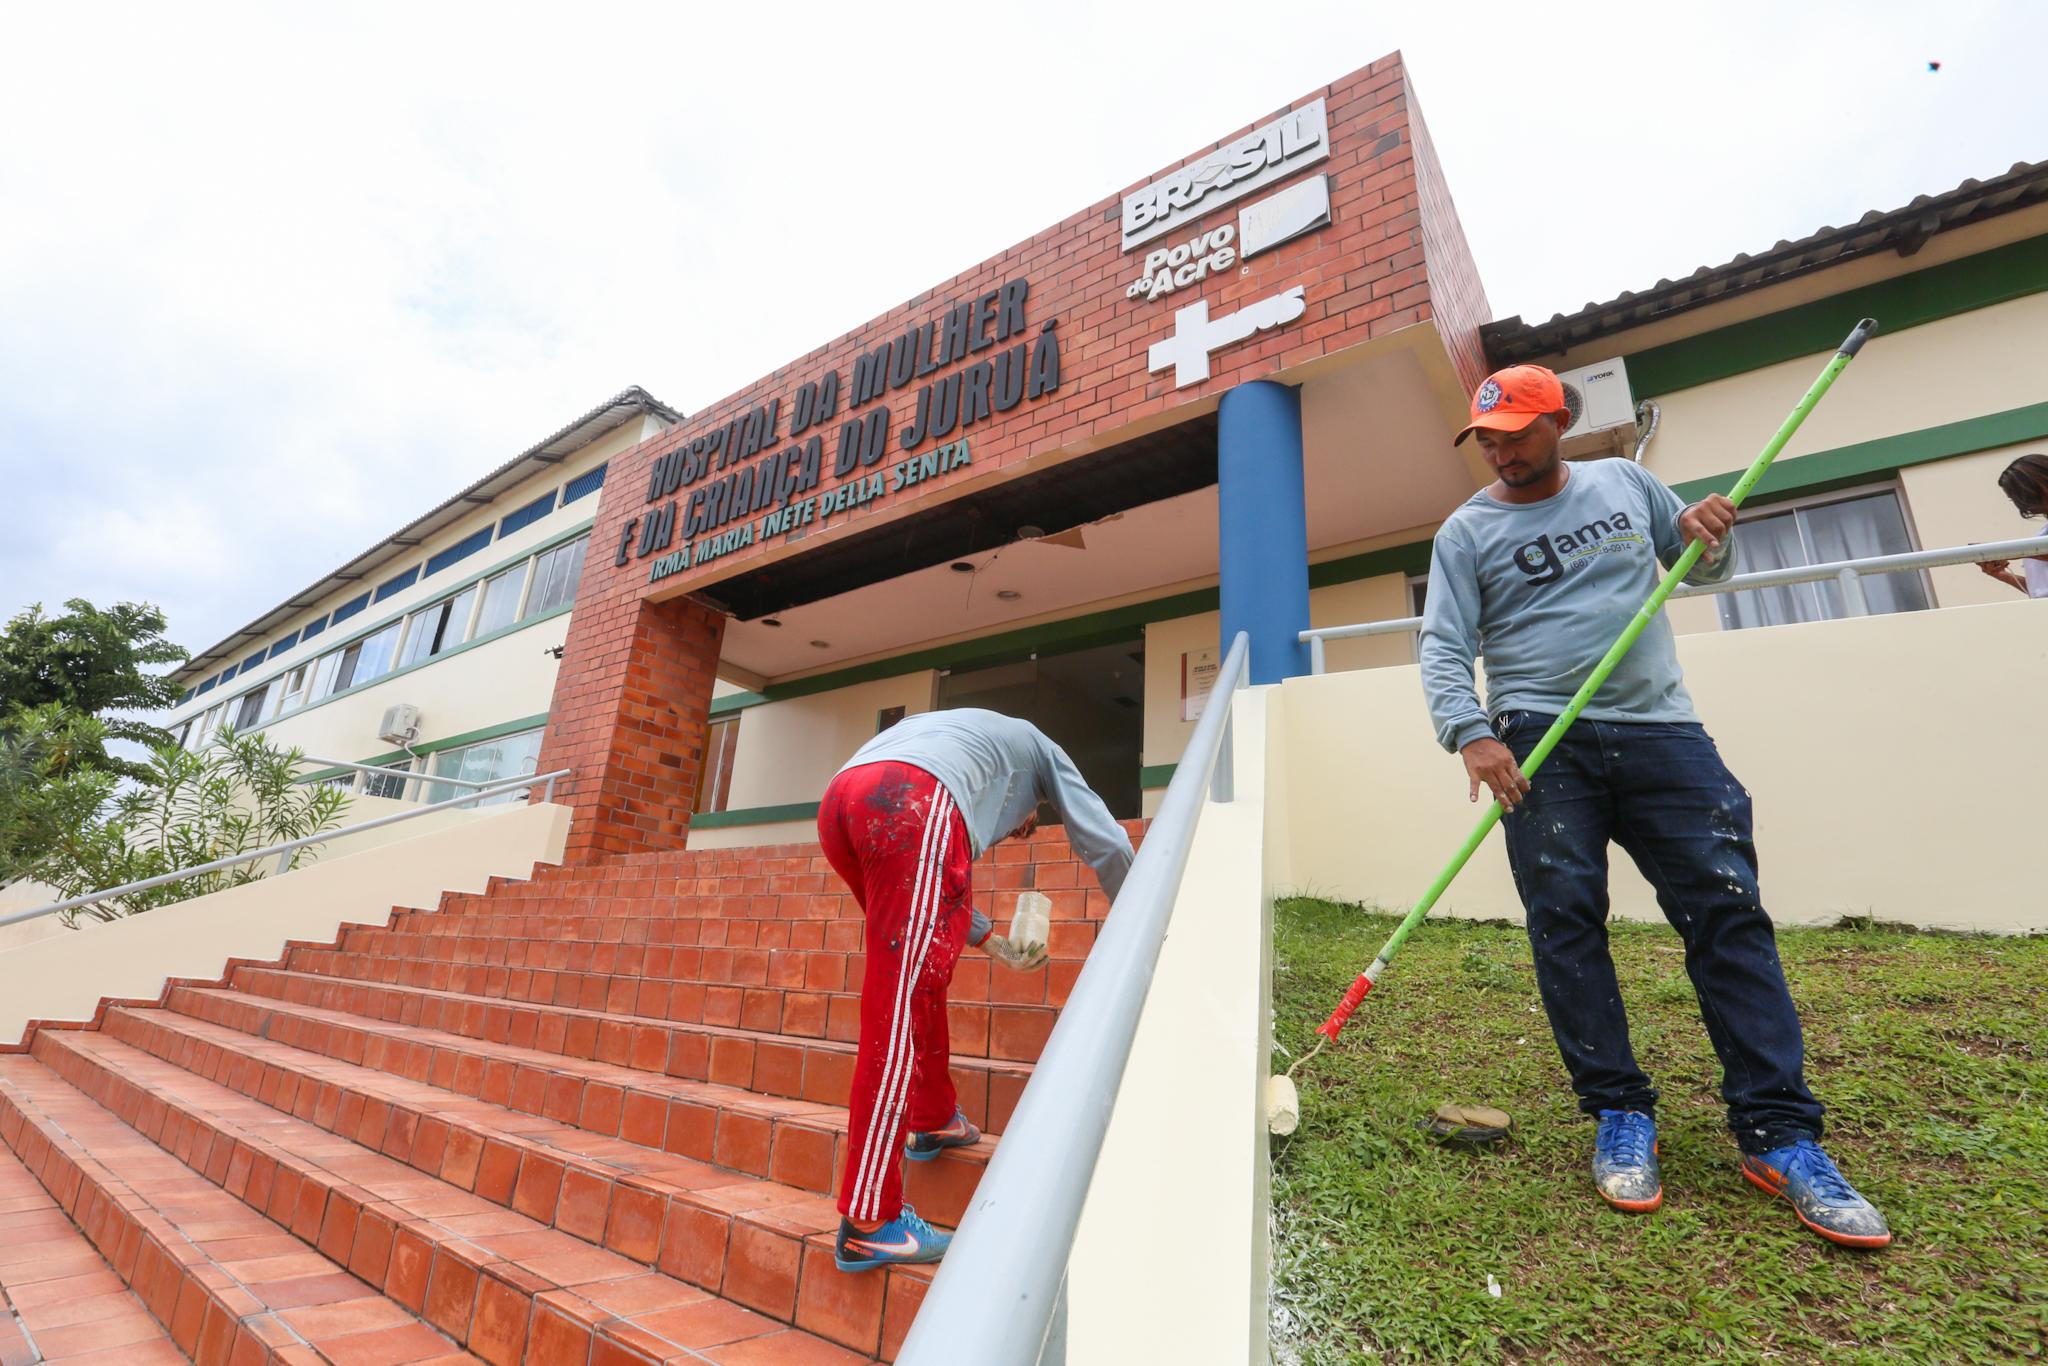 Mesmo em reforma, Maternidade de Cruzeiro do Sul avança com cirurgias eletivas